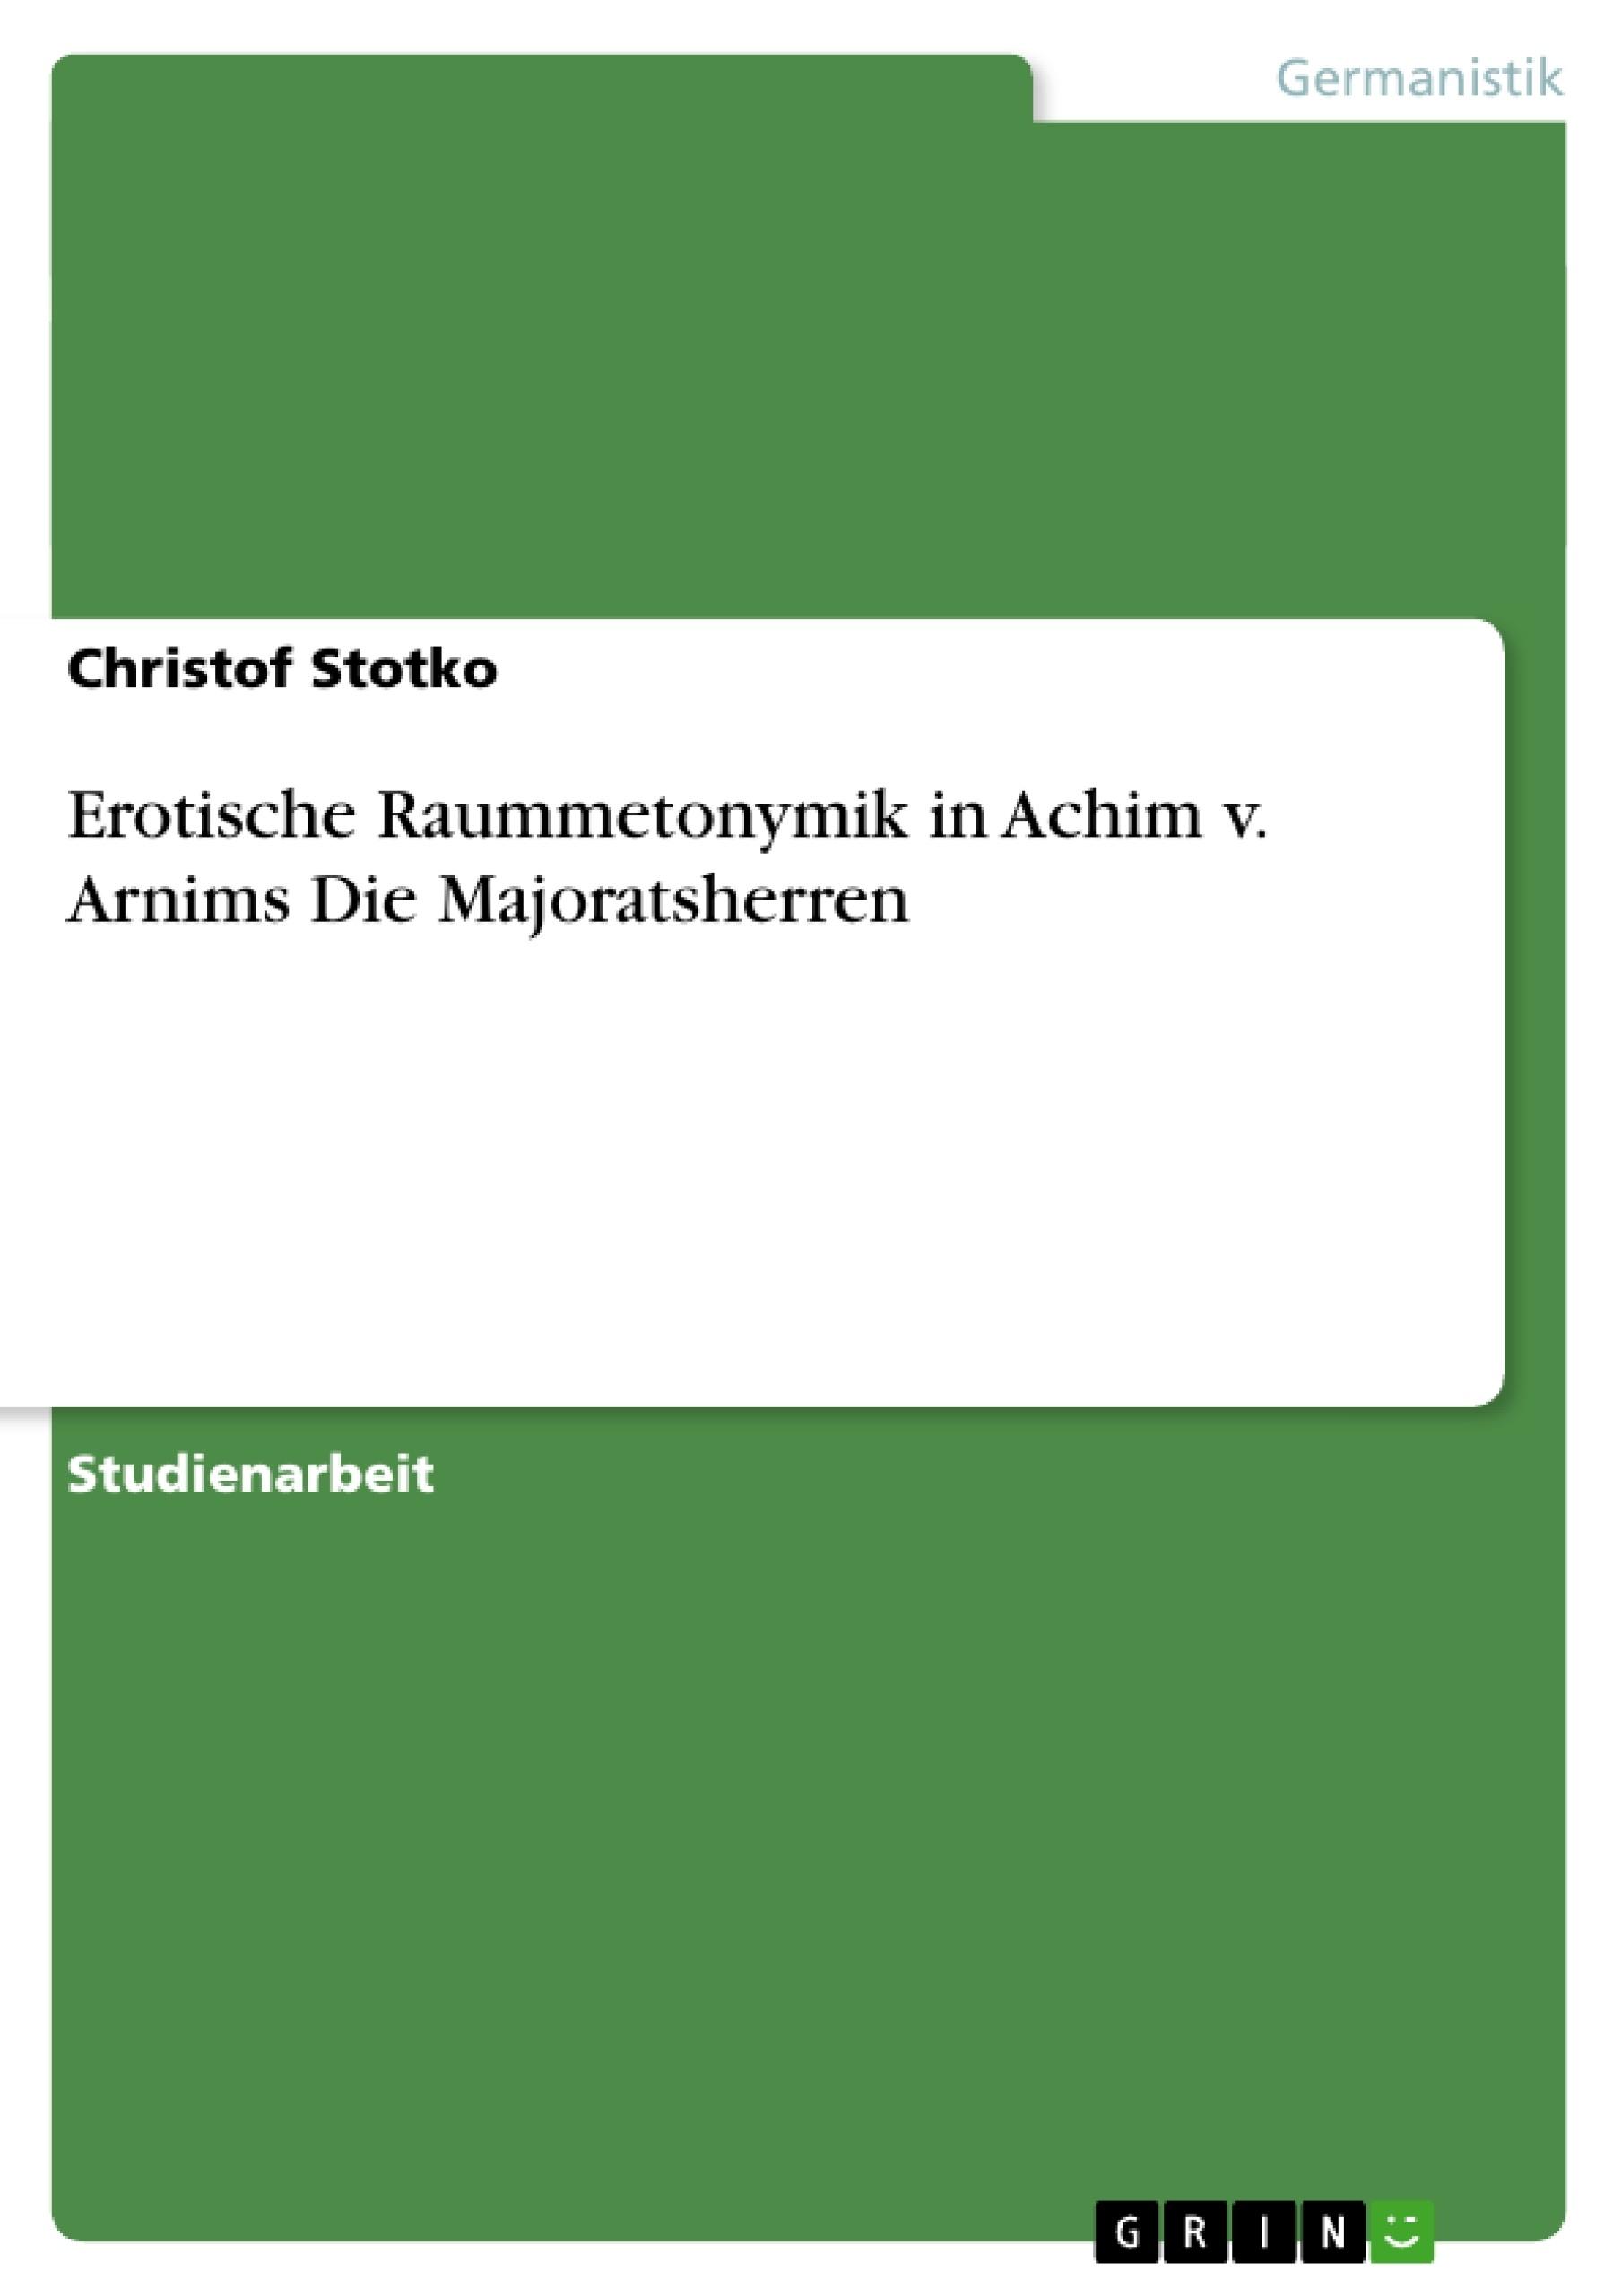 Titel: Erotische Raummetonymik in Achim v. Arnims Die Majoratsherren